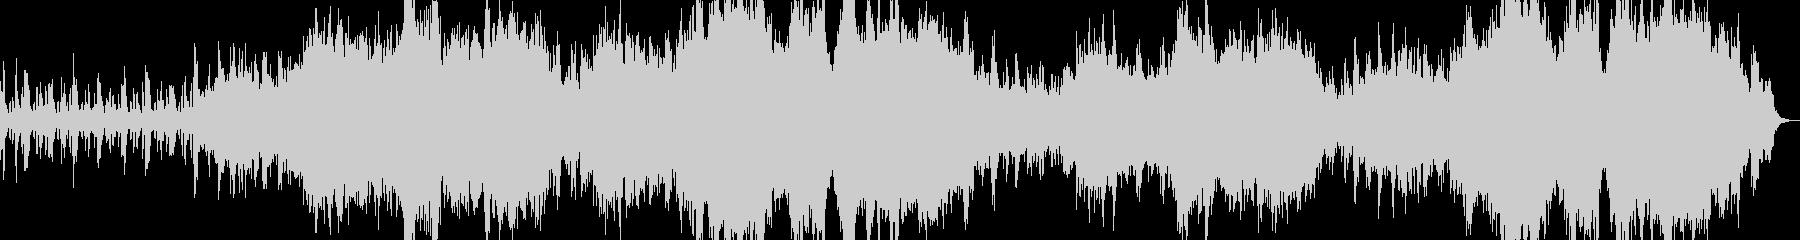 可愛らしく明るい曲3(CM・VLOG)の未再生の波形